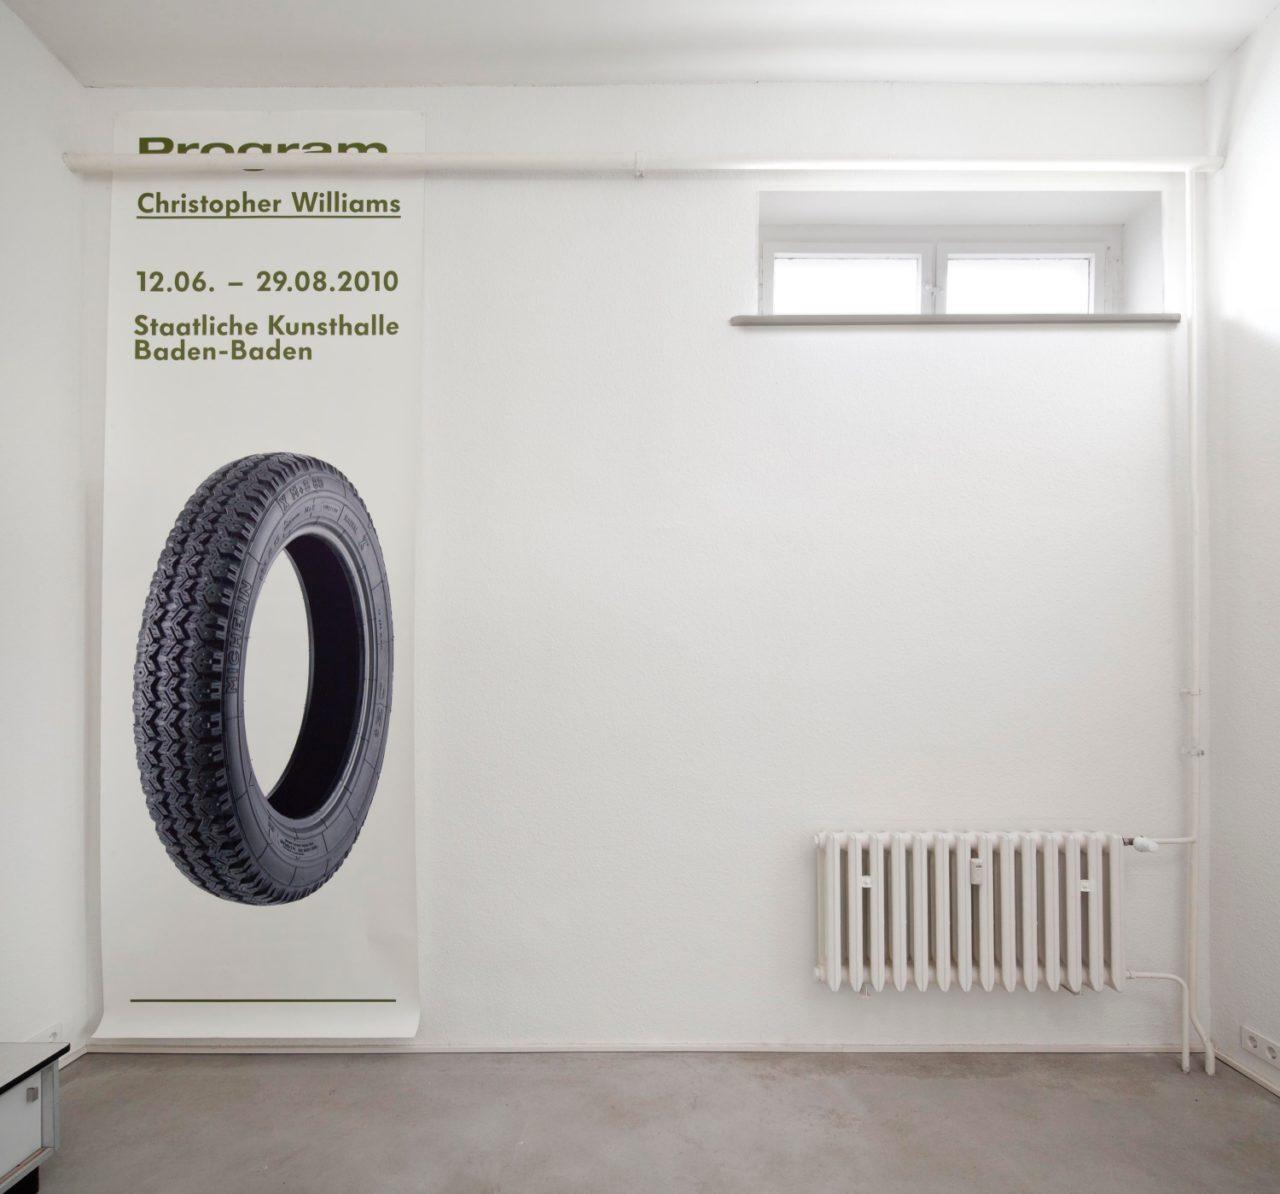 Christopher Williams, untitled (Staatliche Kunsthalle Baden-Baden) (2010)